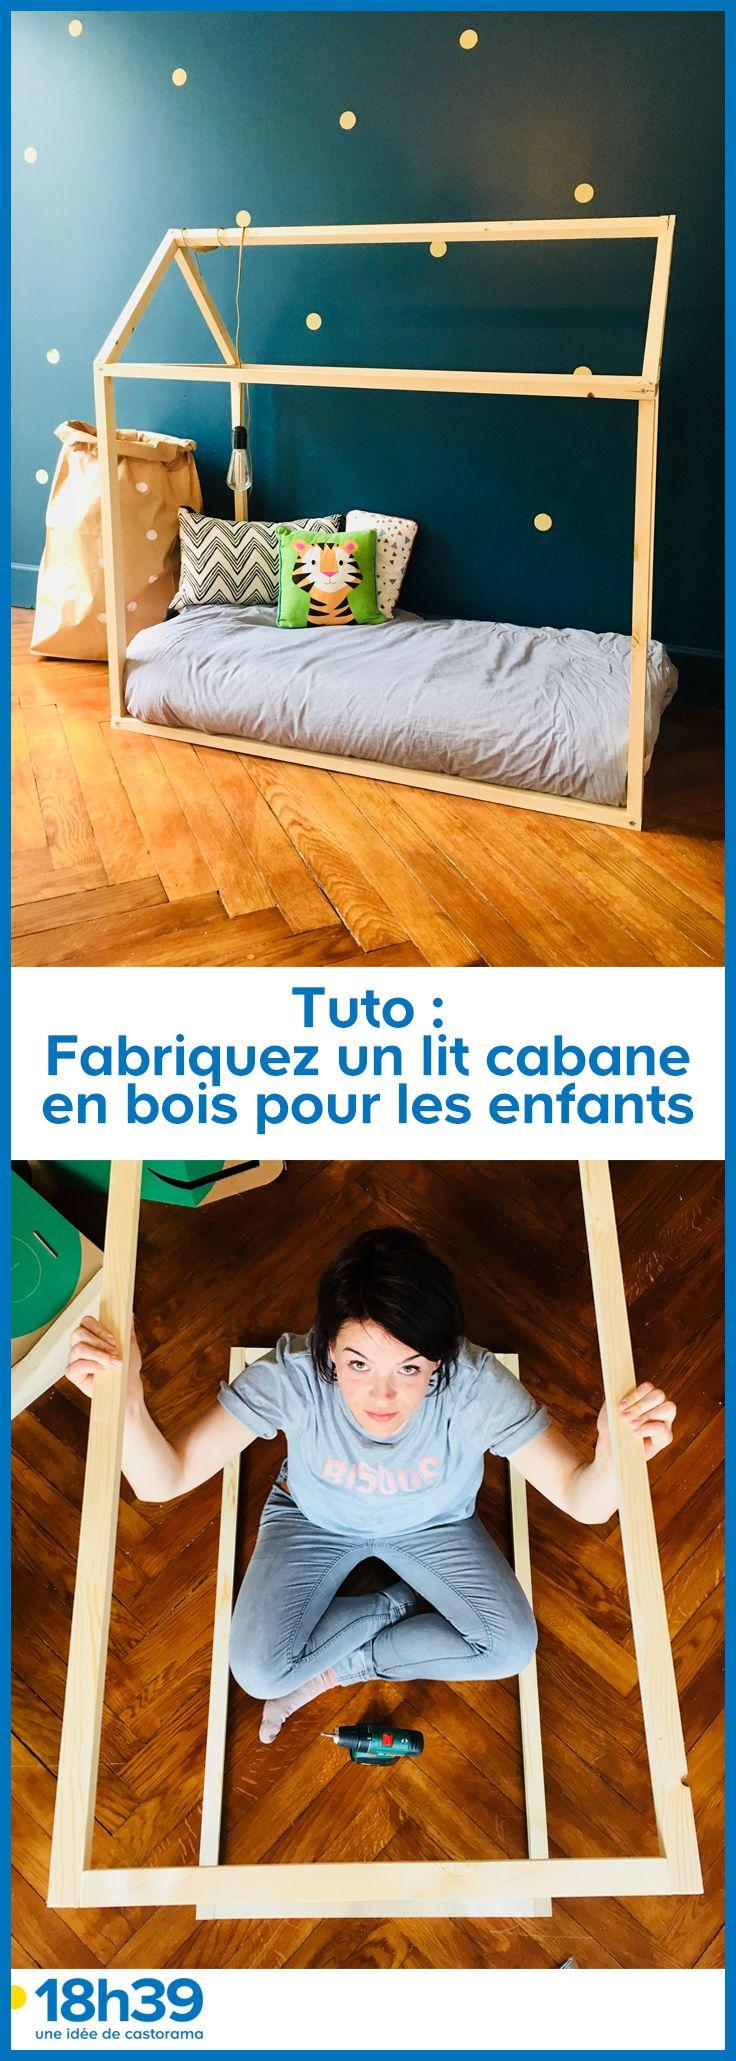 Tuto Fabriquez Un Lit Cabane En Bois Pour Les Enfants Lit Cabane Lit Enfant Maison Lit Enfant Cabane